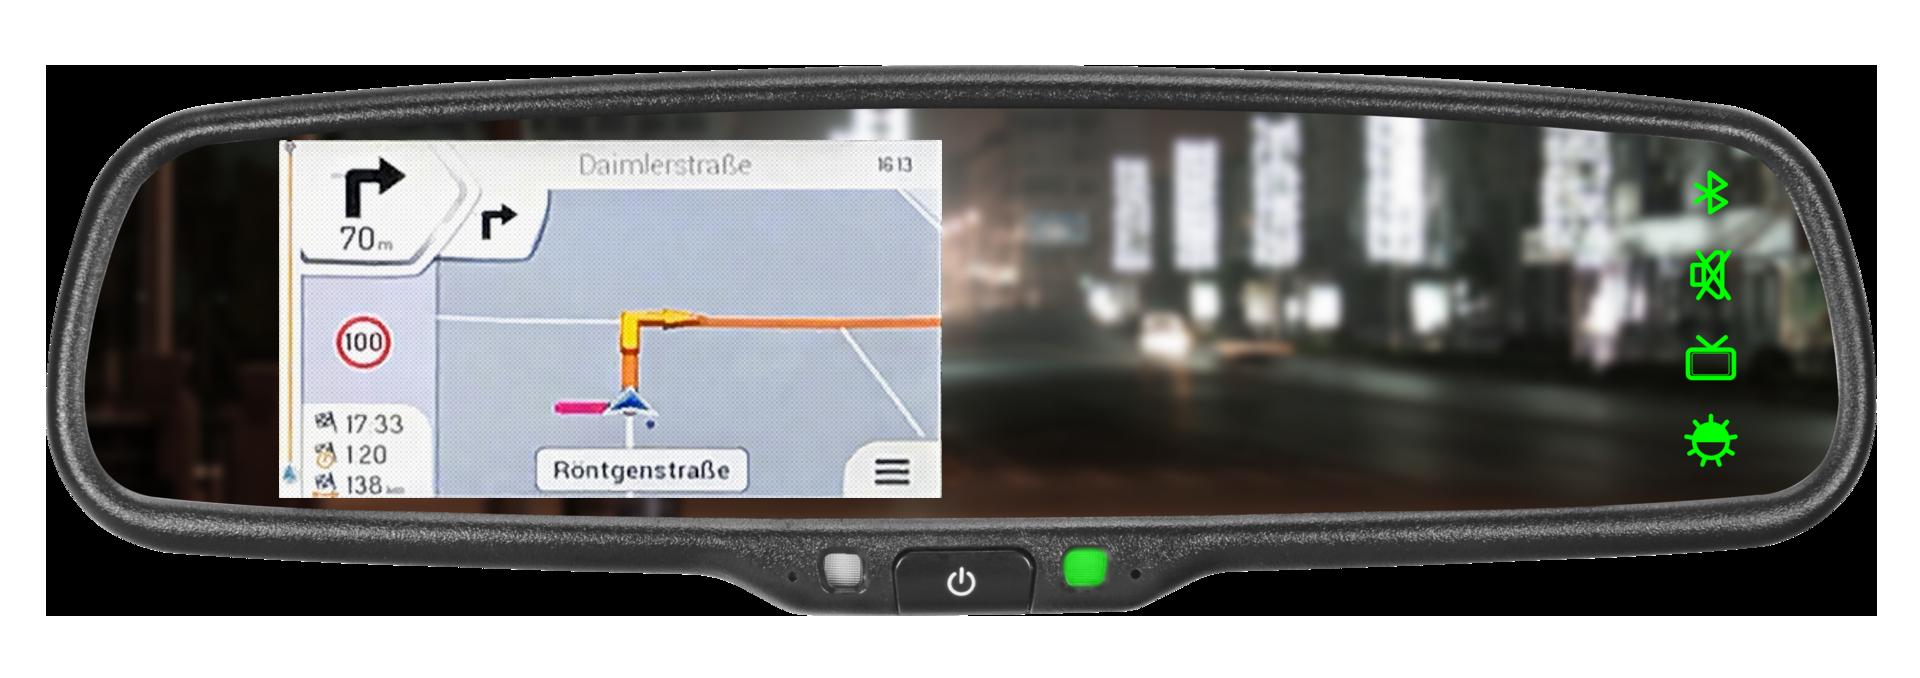 vrm 4304nav r ckspiegel navigation mit r ckfahrkamera in. Black Bedroom Furniture Sets. Home Design Ideas